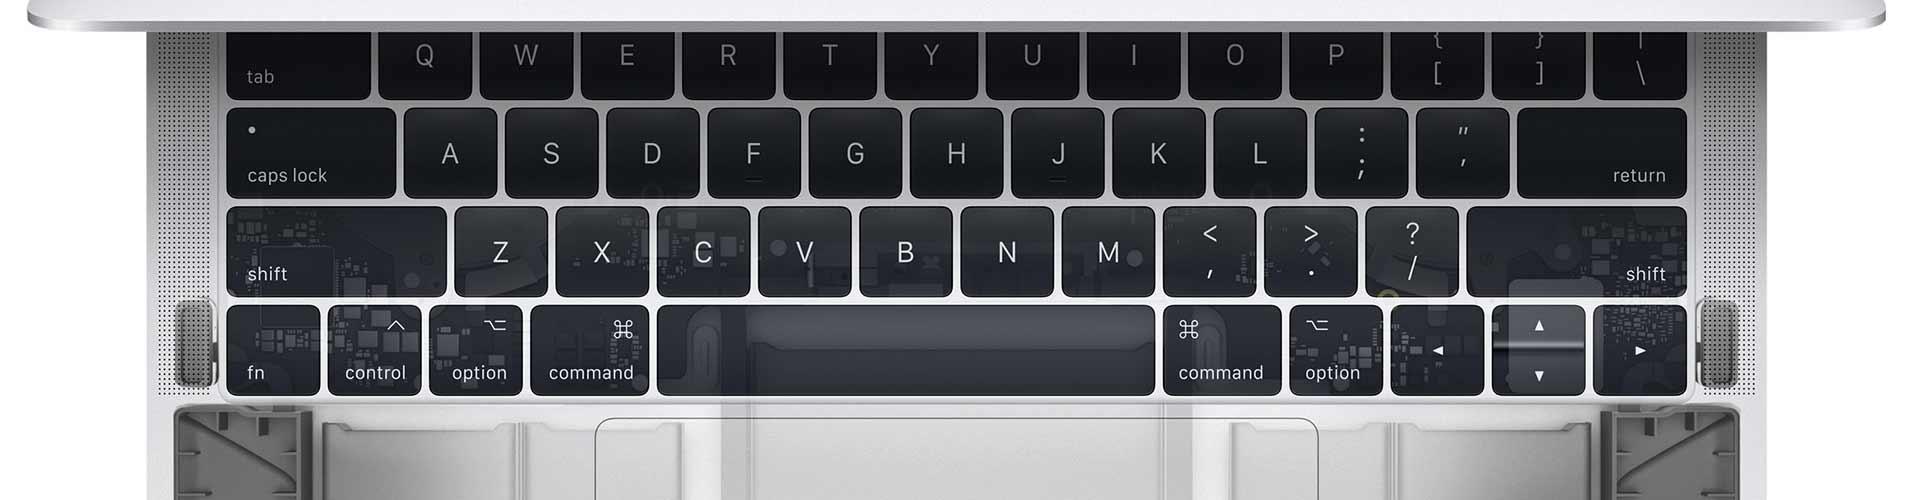 замена клавиатуры macbook в алматы